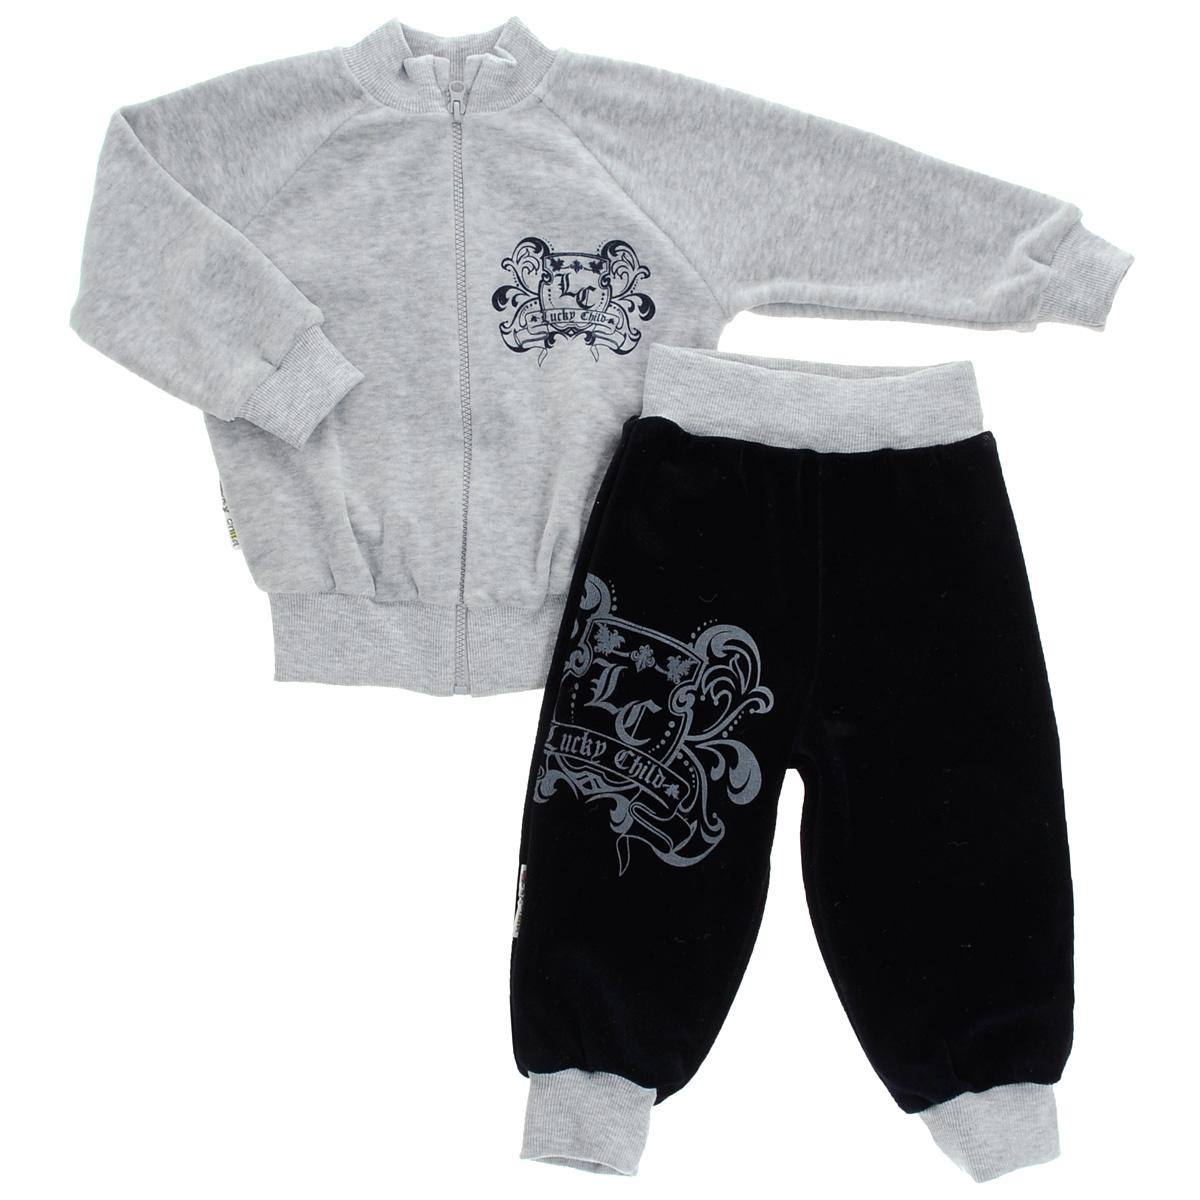 Комплект для мальчика Lucky Child: толстовка, брюки, цвет: серый, темно-синий. 5-8. Размер 68/745-8Детский комплект для мальчика Lucky Child, состоящий из толстовки и брюк - очень удобный и практичный. Комплект выполнен из велюра, благодаря чему он необычайно мягкий и приятный на ощупь, не раздражают нежную кожу ребенка и хорошо вентилируются, а эластичные швы приятны телу малыша и не препятствуют его движениям. Толстовка с воротником-стойкой и длинными рукавами-реглан застегивается на пластиковую застежку-молнию. Рукава дополнены широкими трикотажными манжетами, не стягивающими запястья. Понизу также проходит широкая трикотажная резинка. На груди она оформлена оригинальным принтом в виде логотипа бренда. Брюки прямого покроя на талии имеют широкую эластичную резинку, благодаря чему они не сдавливают животик ребенка и не сползают. Понизу штанины дополнены широкими трикотажными манжетами. Спереди брюки декорированы таким же рисунком, как на толстовке. Оригинальный дизайн и модная расцветка делают этот комплект незаменимым предметом детского гардероба. В нем ваш ребенок всегда будет в центре внимания!